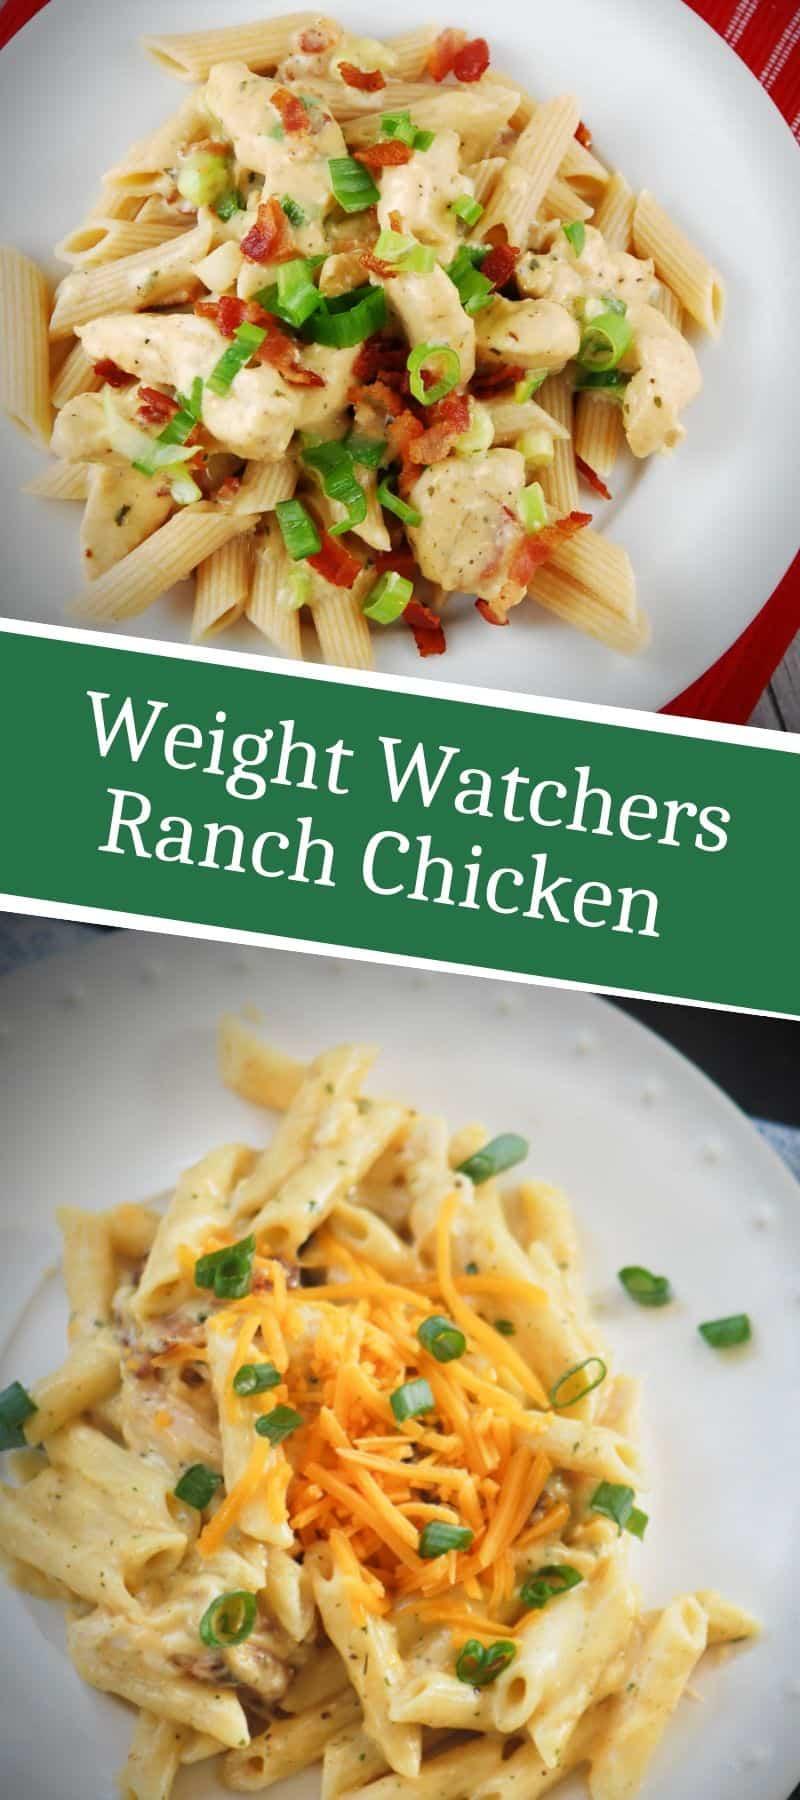 Weight Watchers Ranch Chicken Recipe 3